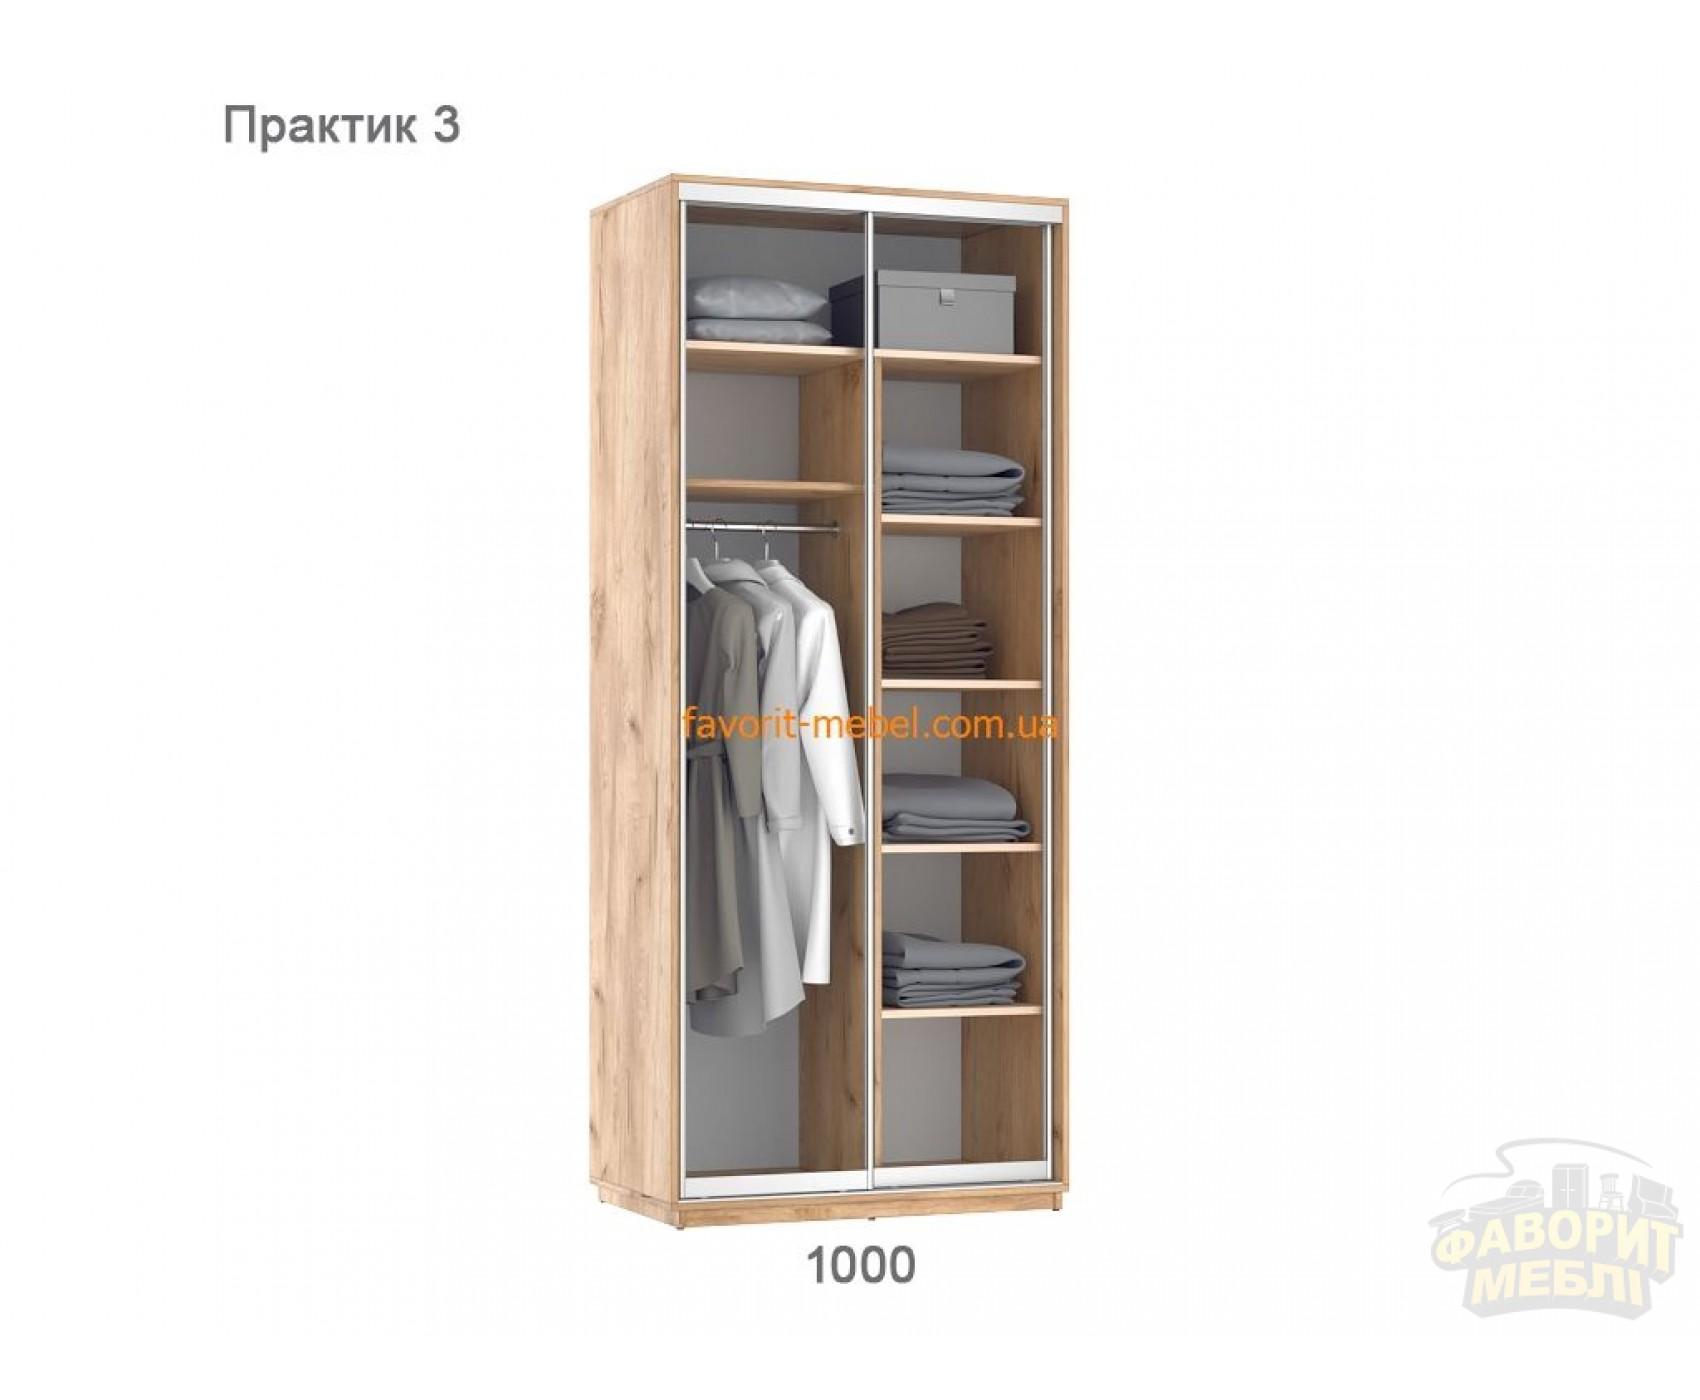 Шкаф купе Практик 3 (100х60х240 см)